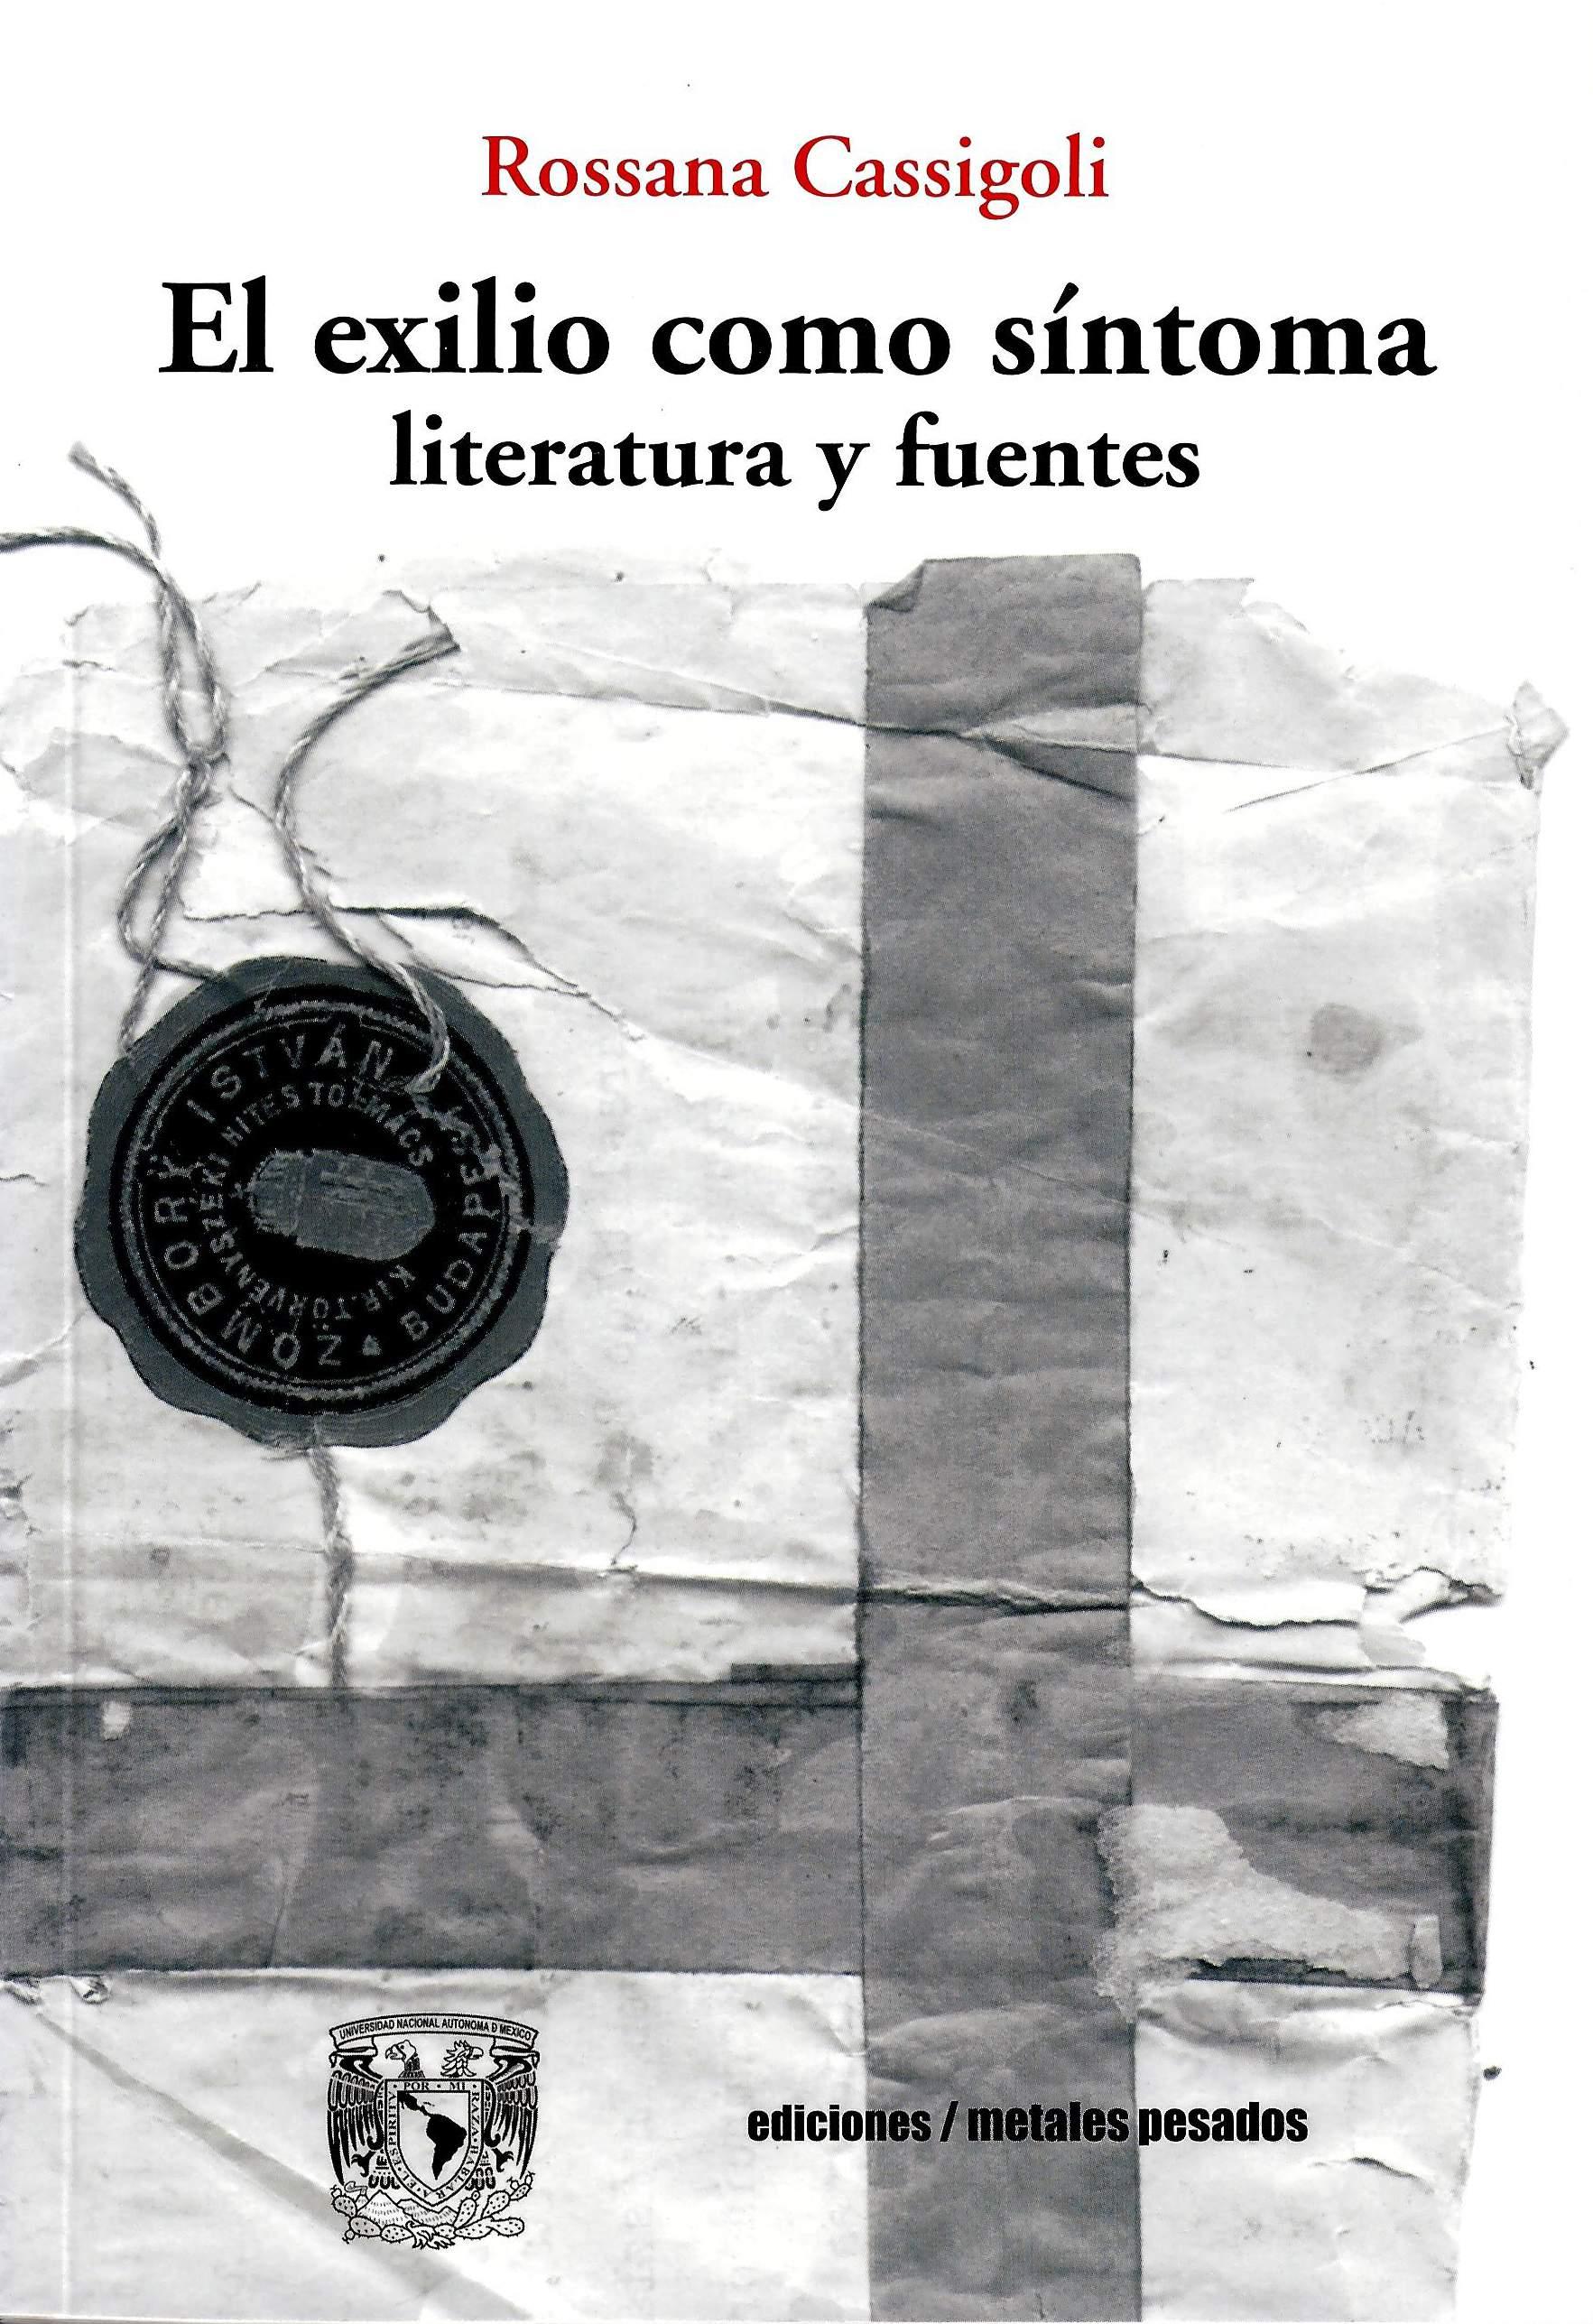 El exilio como síntoma. Literatura y fuentes